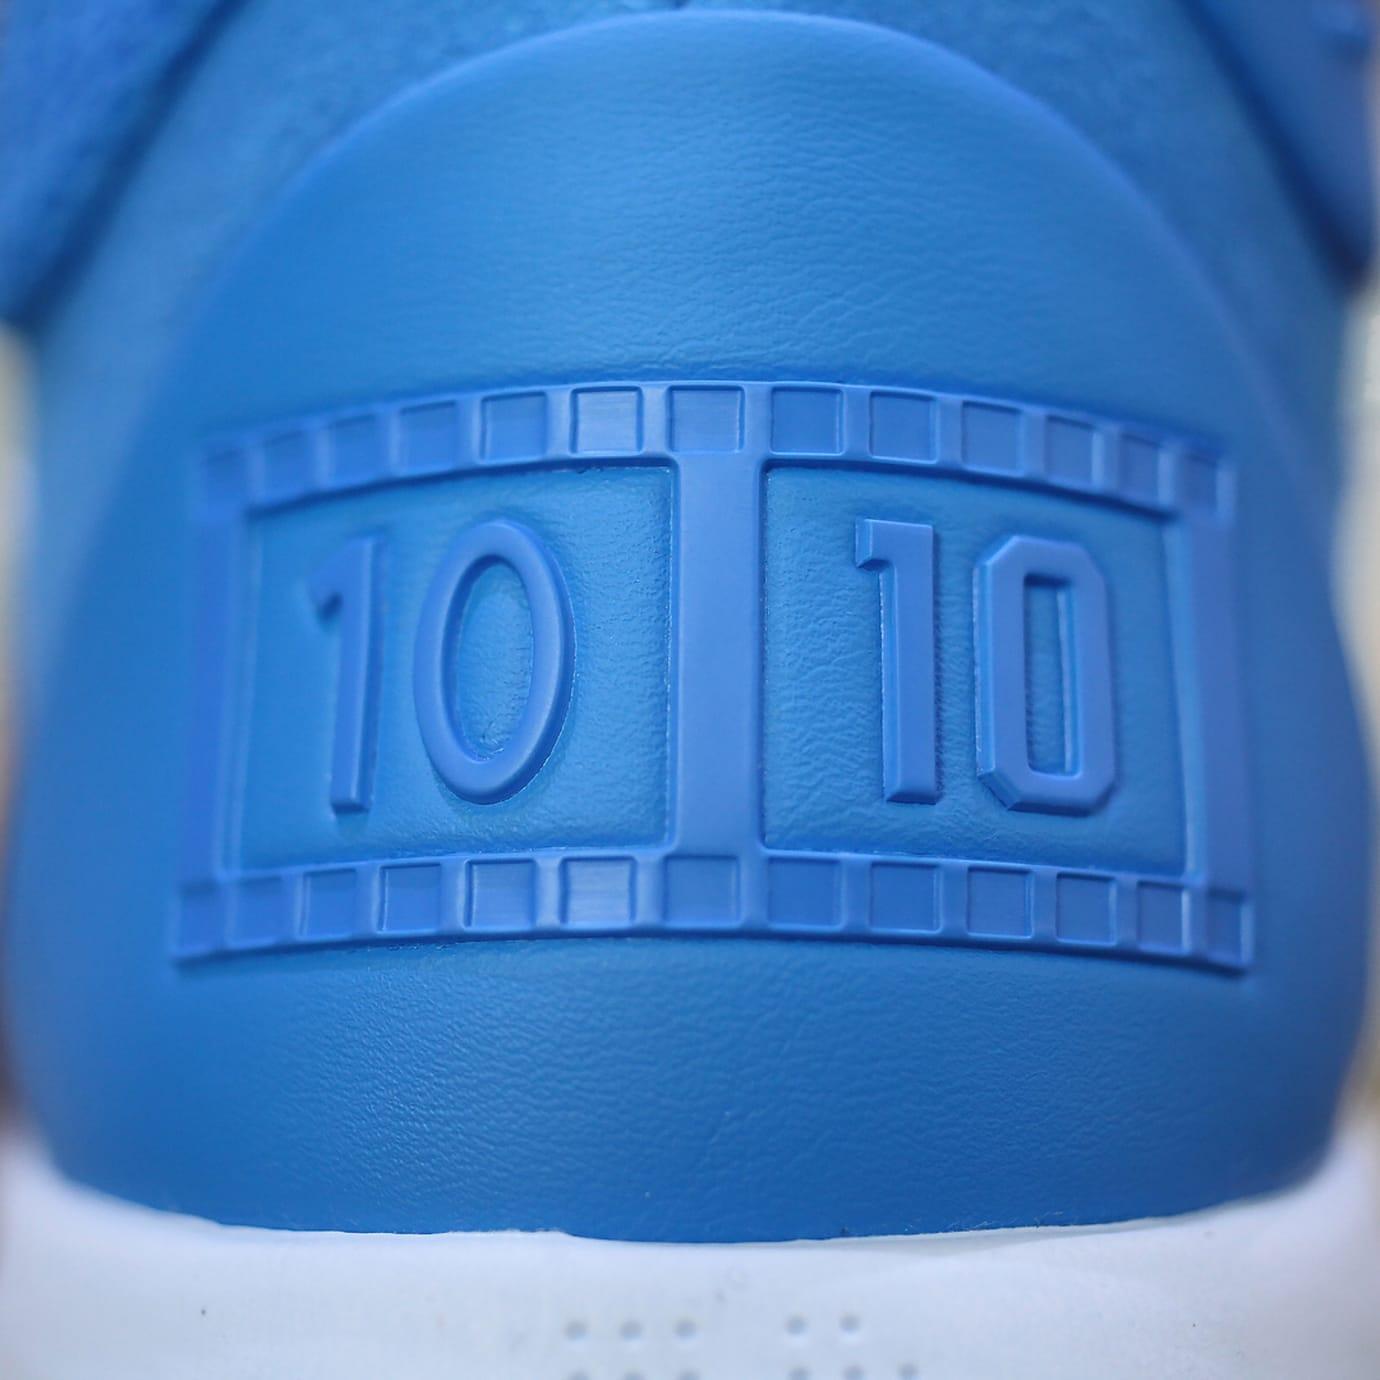 Nike Kobe A.D. Mid DeMar DeRozan PE Release Date Heel Detail 35674d22b